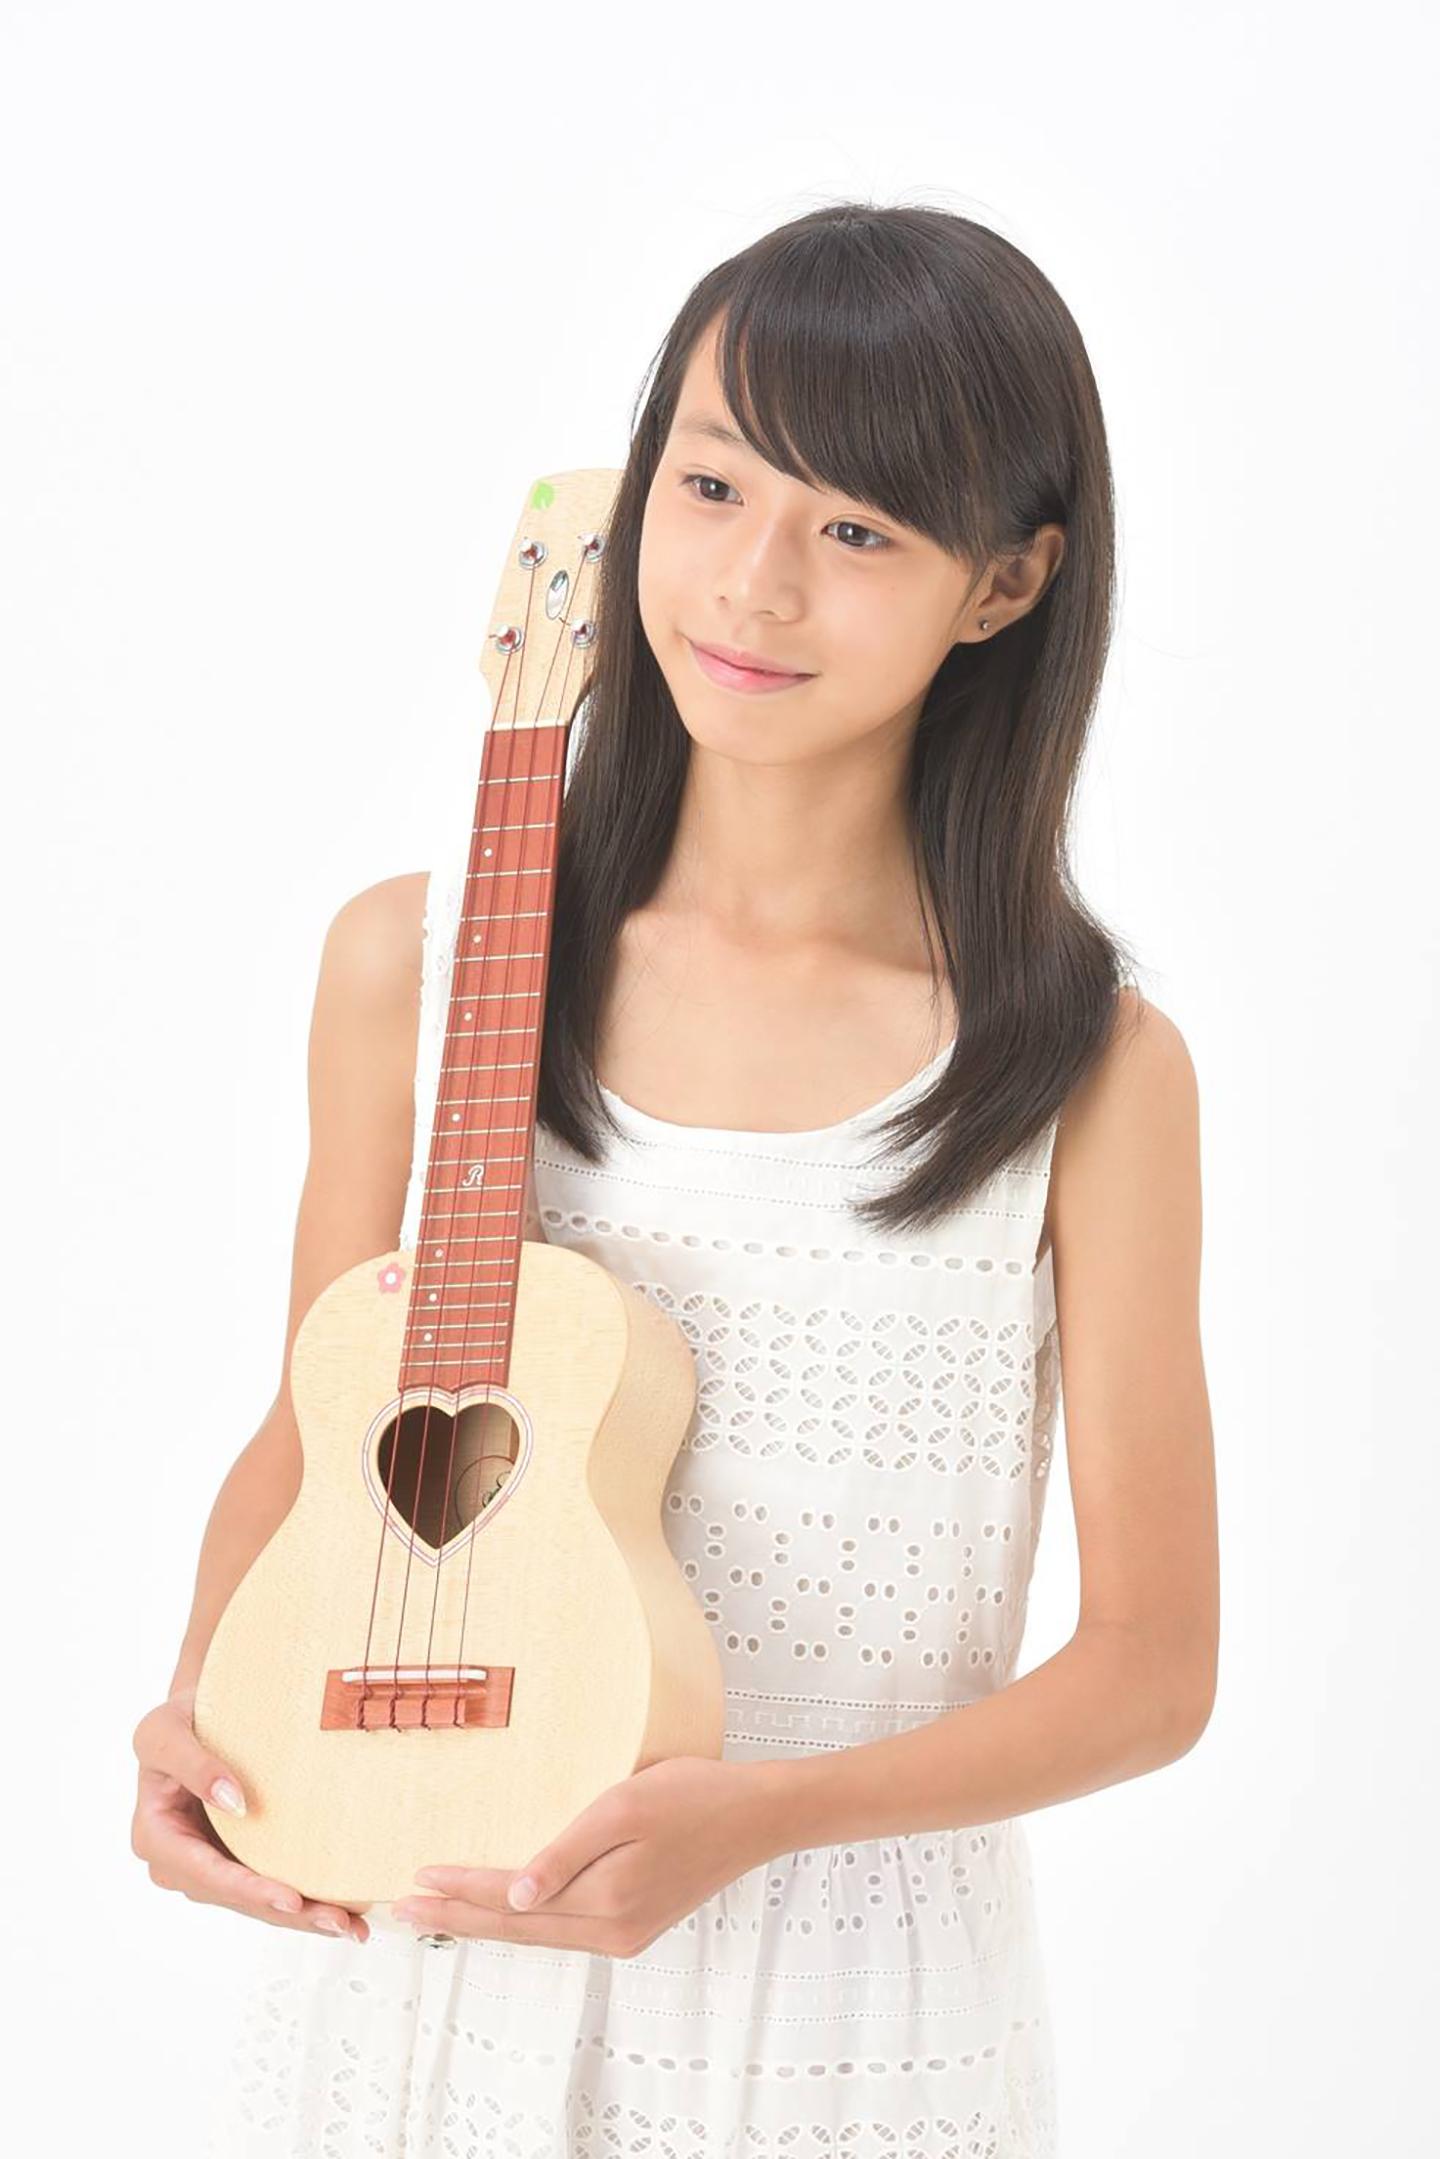 ウクレレ奏者ukurenaのアーティスト写真